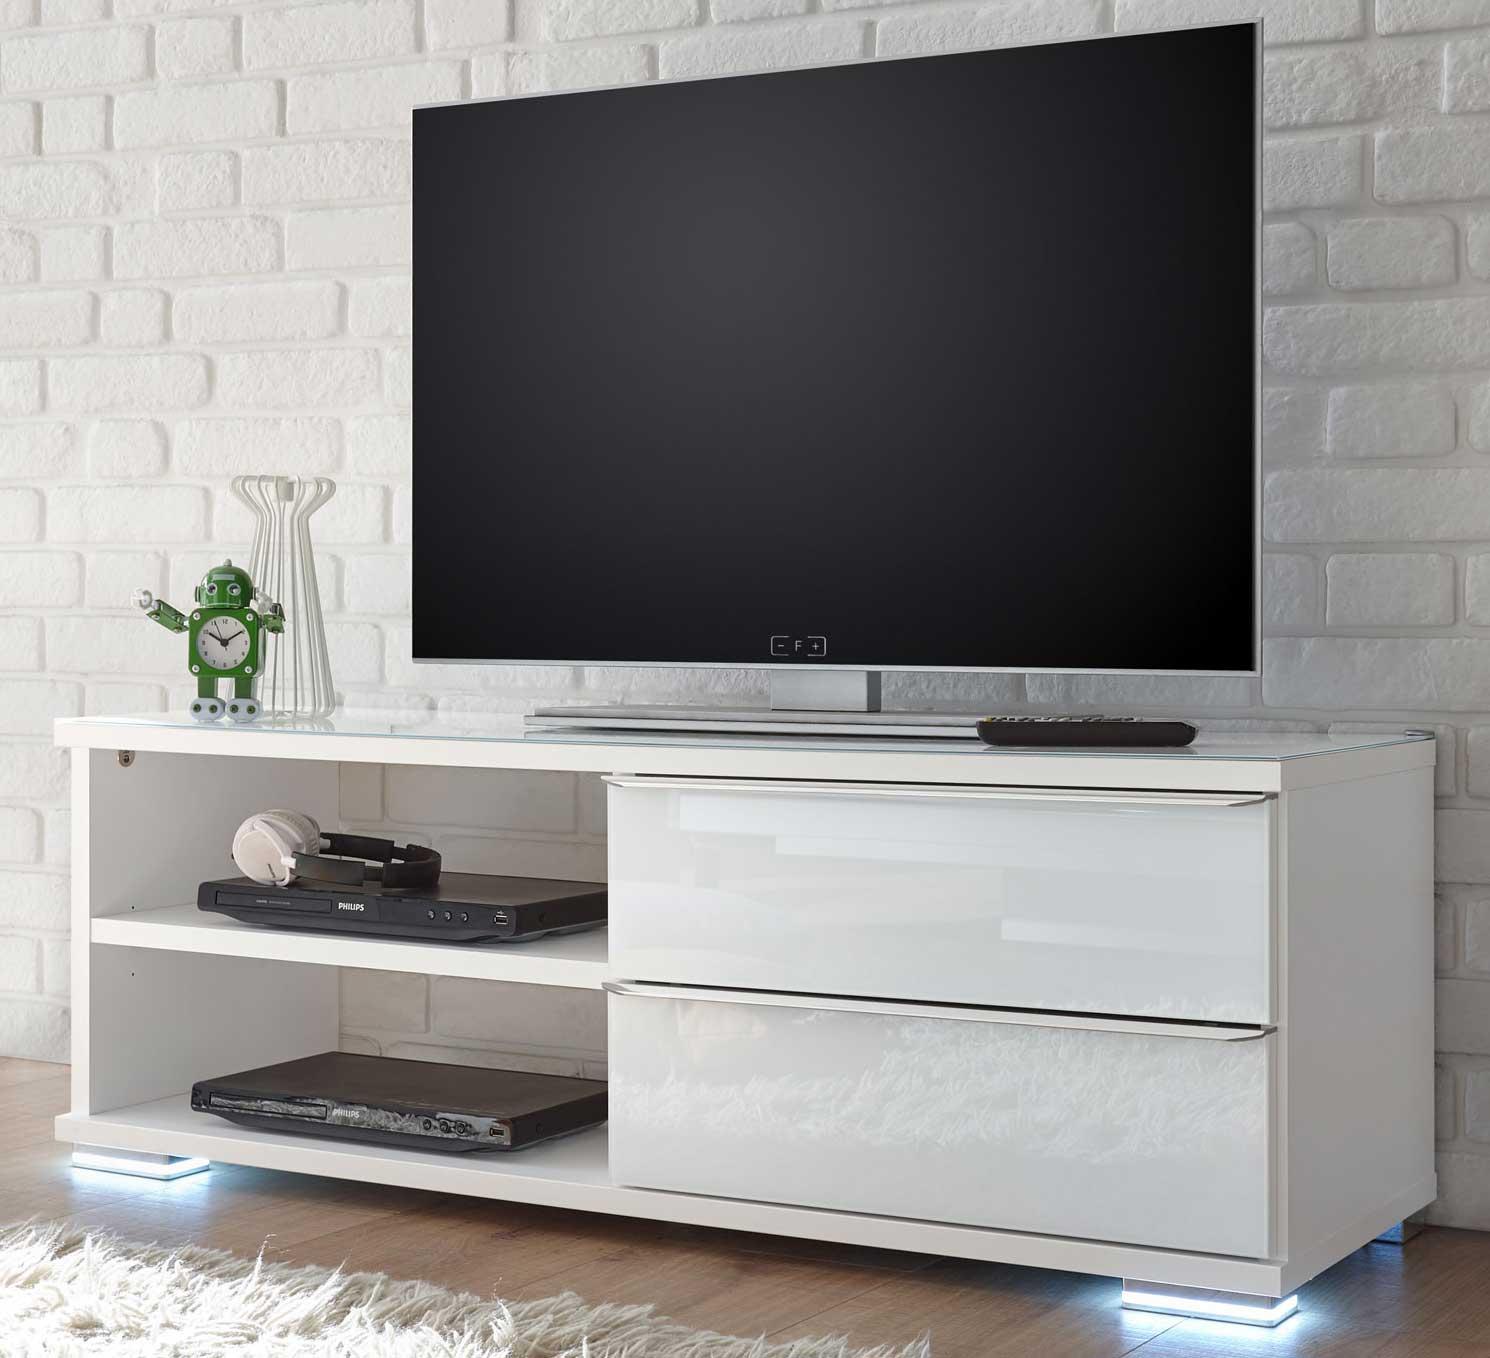 Staud Sinfonie Single Wohnen TV Lowboard weiß